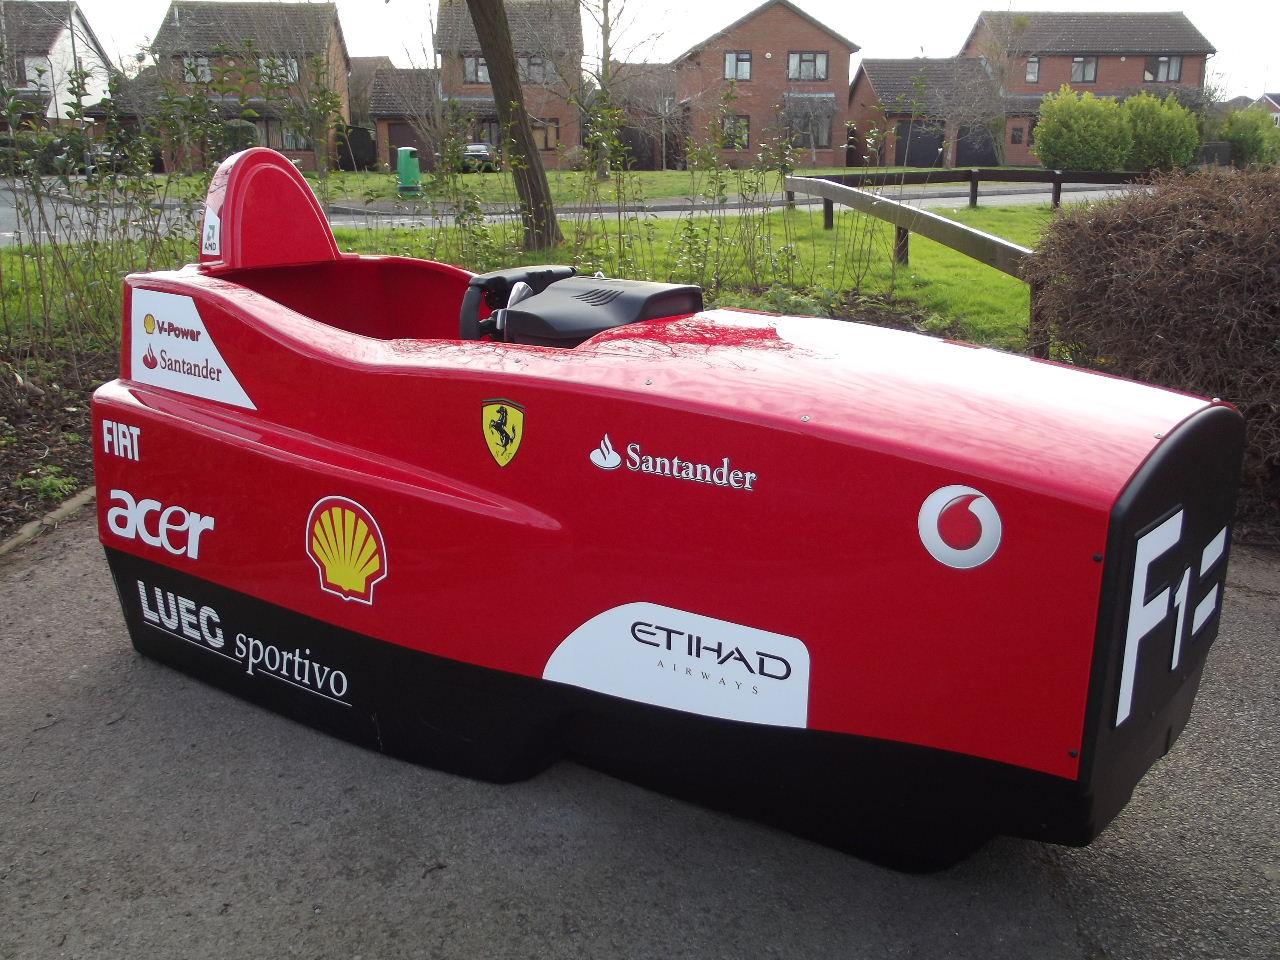 Racestar C.JPG